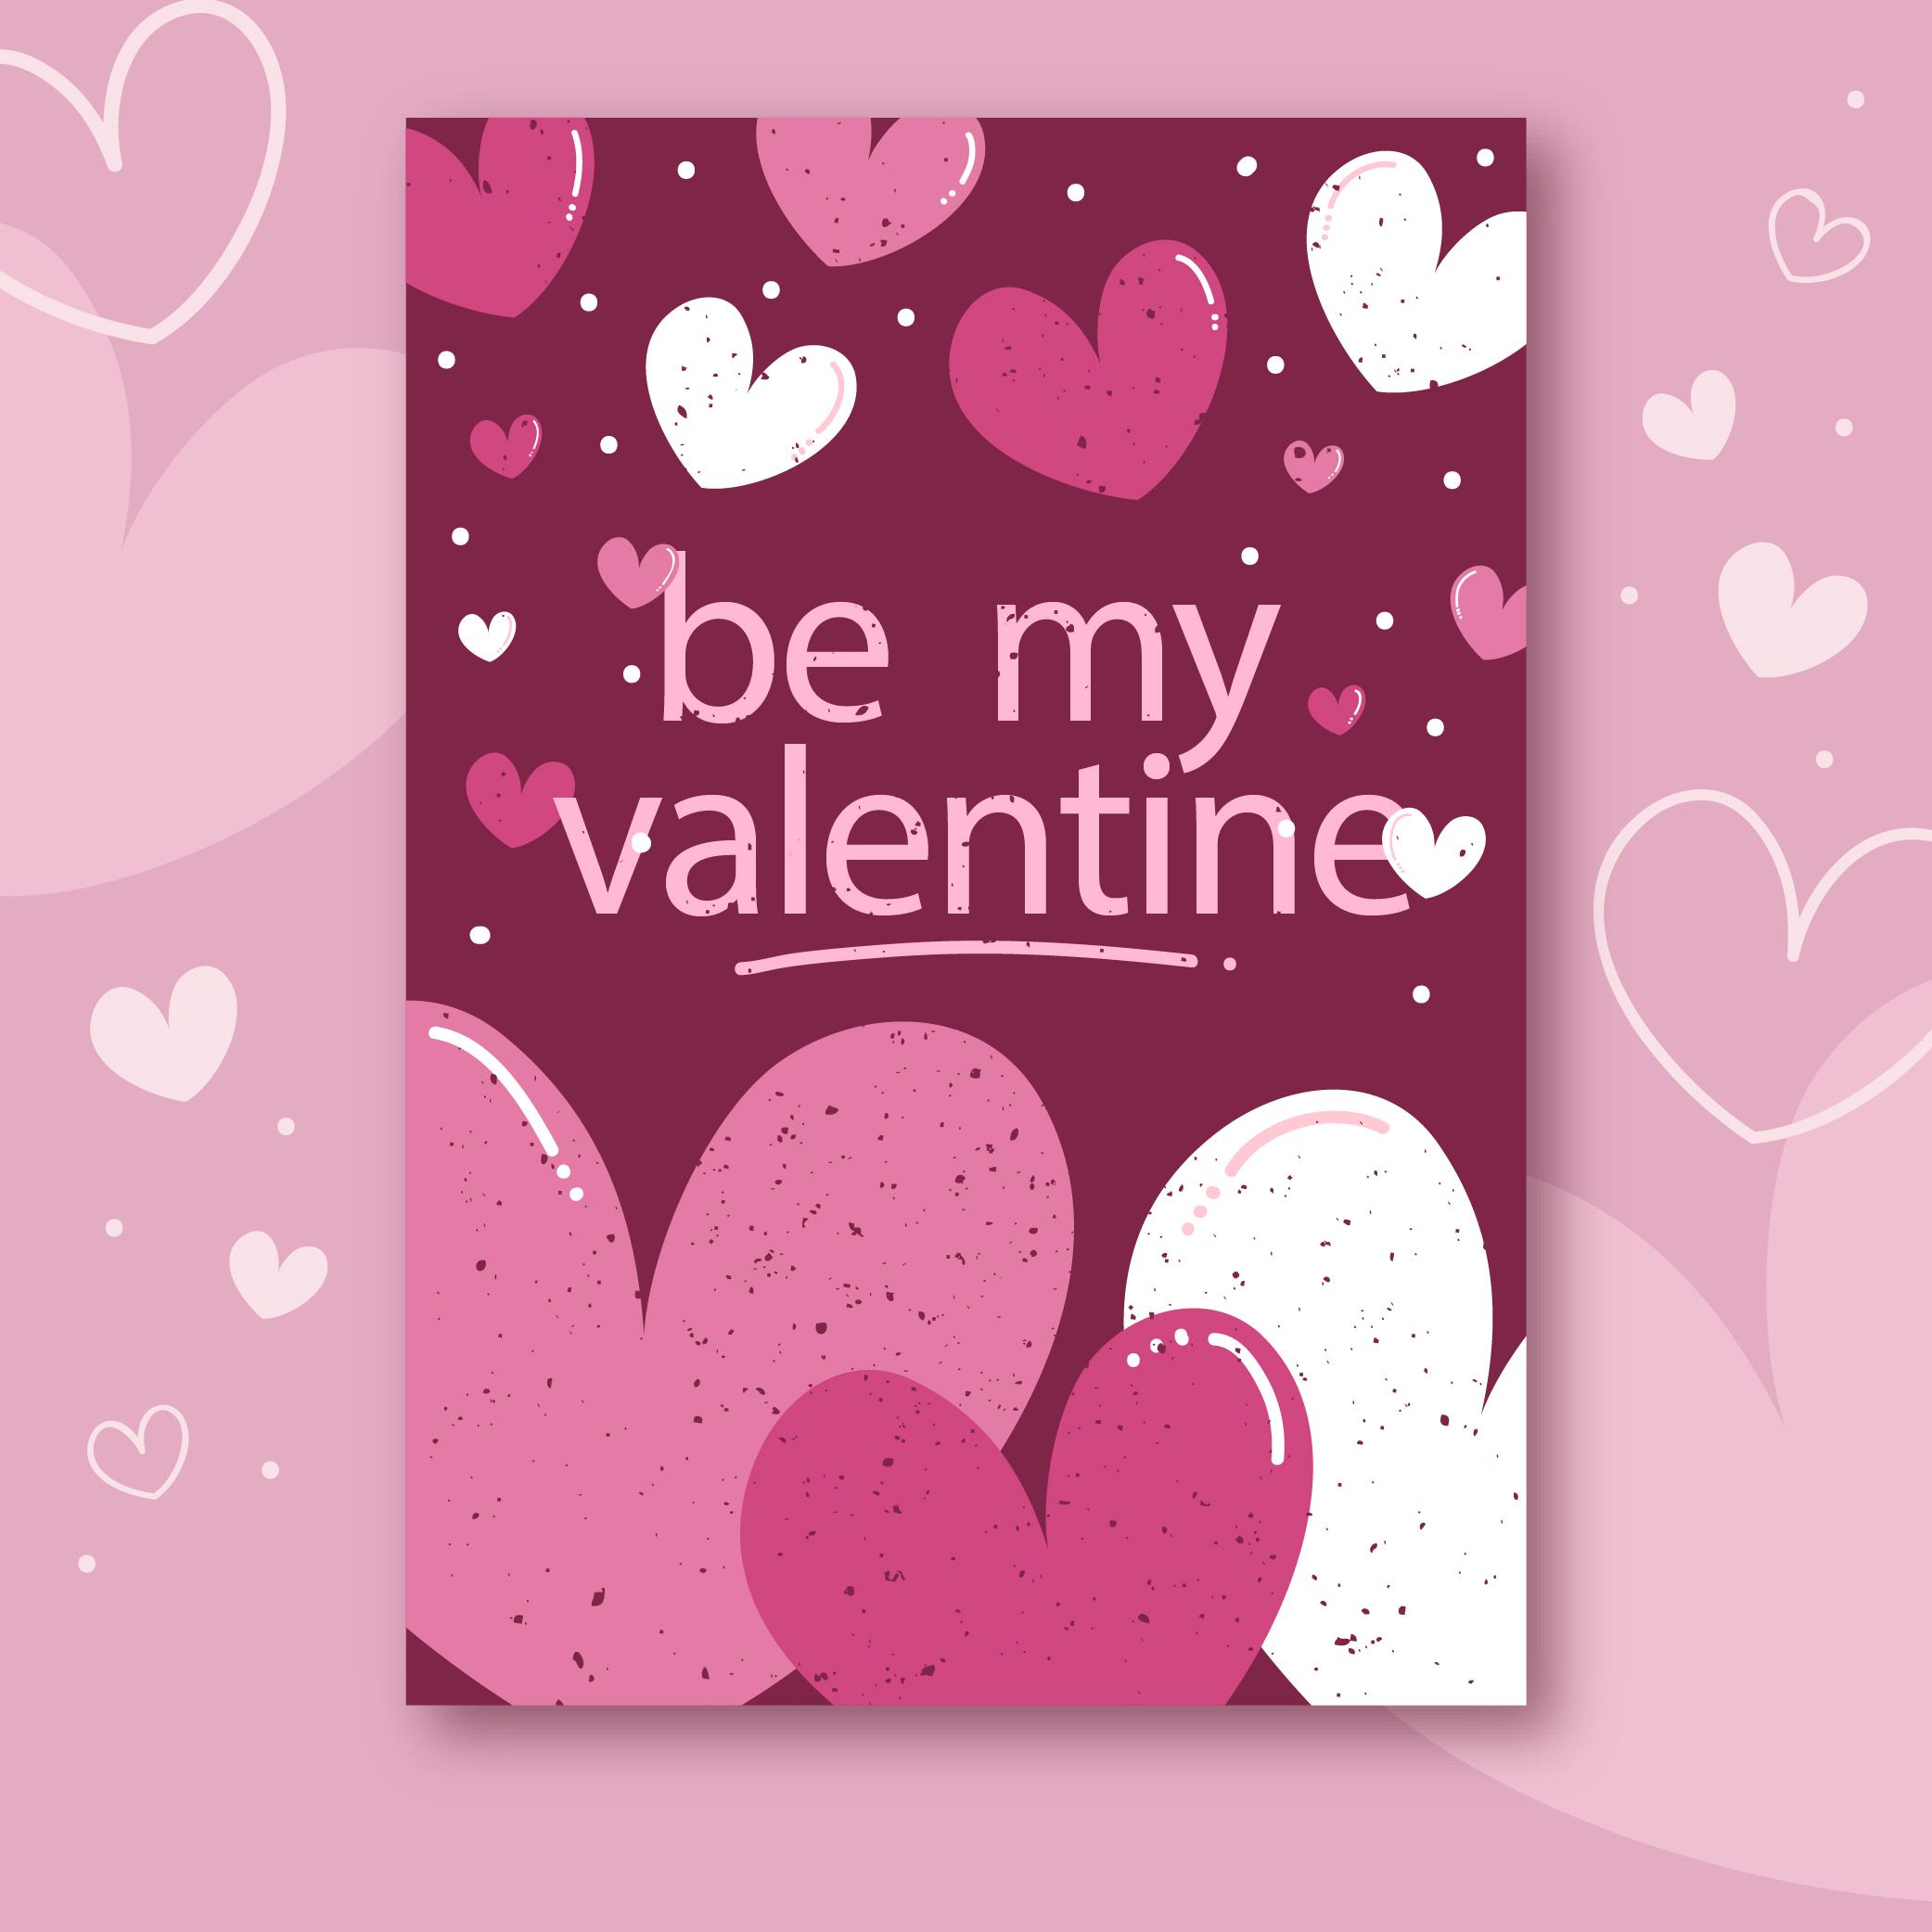 Valentine greeting cardsvalentine bund design bundles valentine greeting cardsvalentine bundlesvalentines day greeting cardslove cardsvalentines kristyandbryce Choice Image